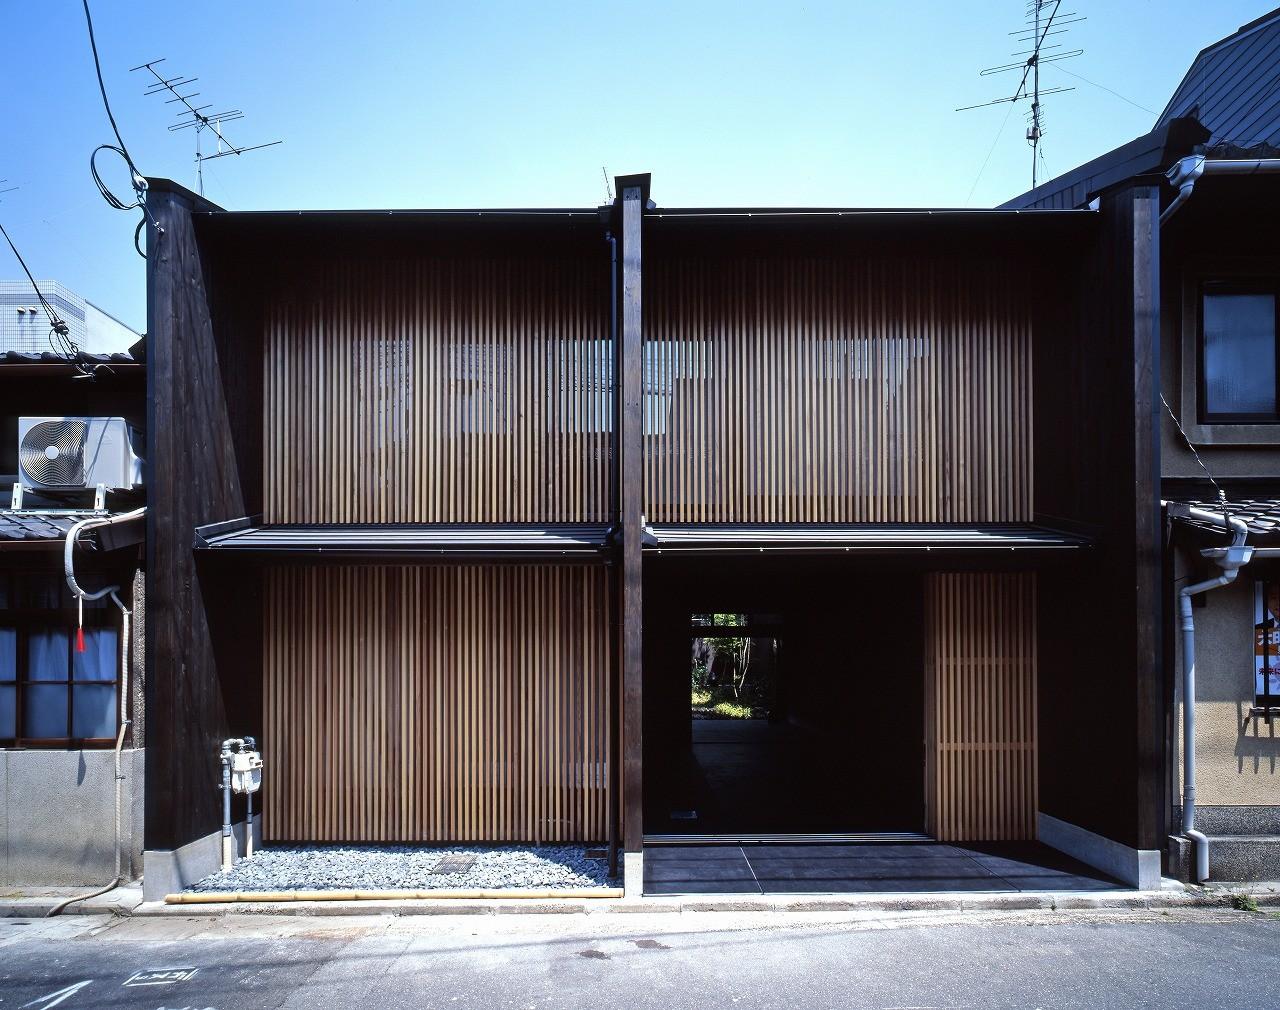 Kyoto-Model: A House With 3 Walls / Shigenori UOYA  + Miwako MASAOKA + Takeshi IKEI, © Kei SUGINO